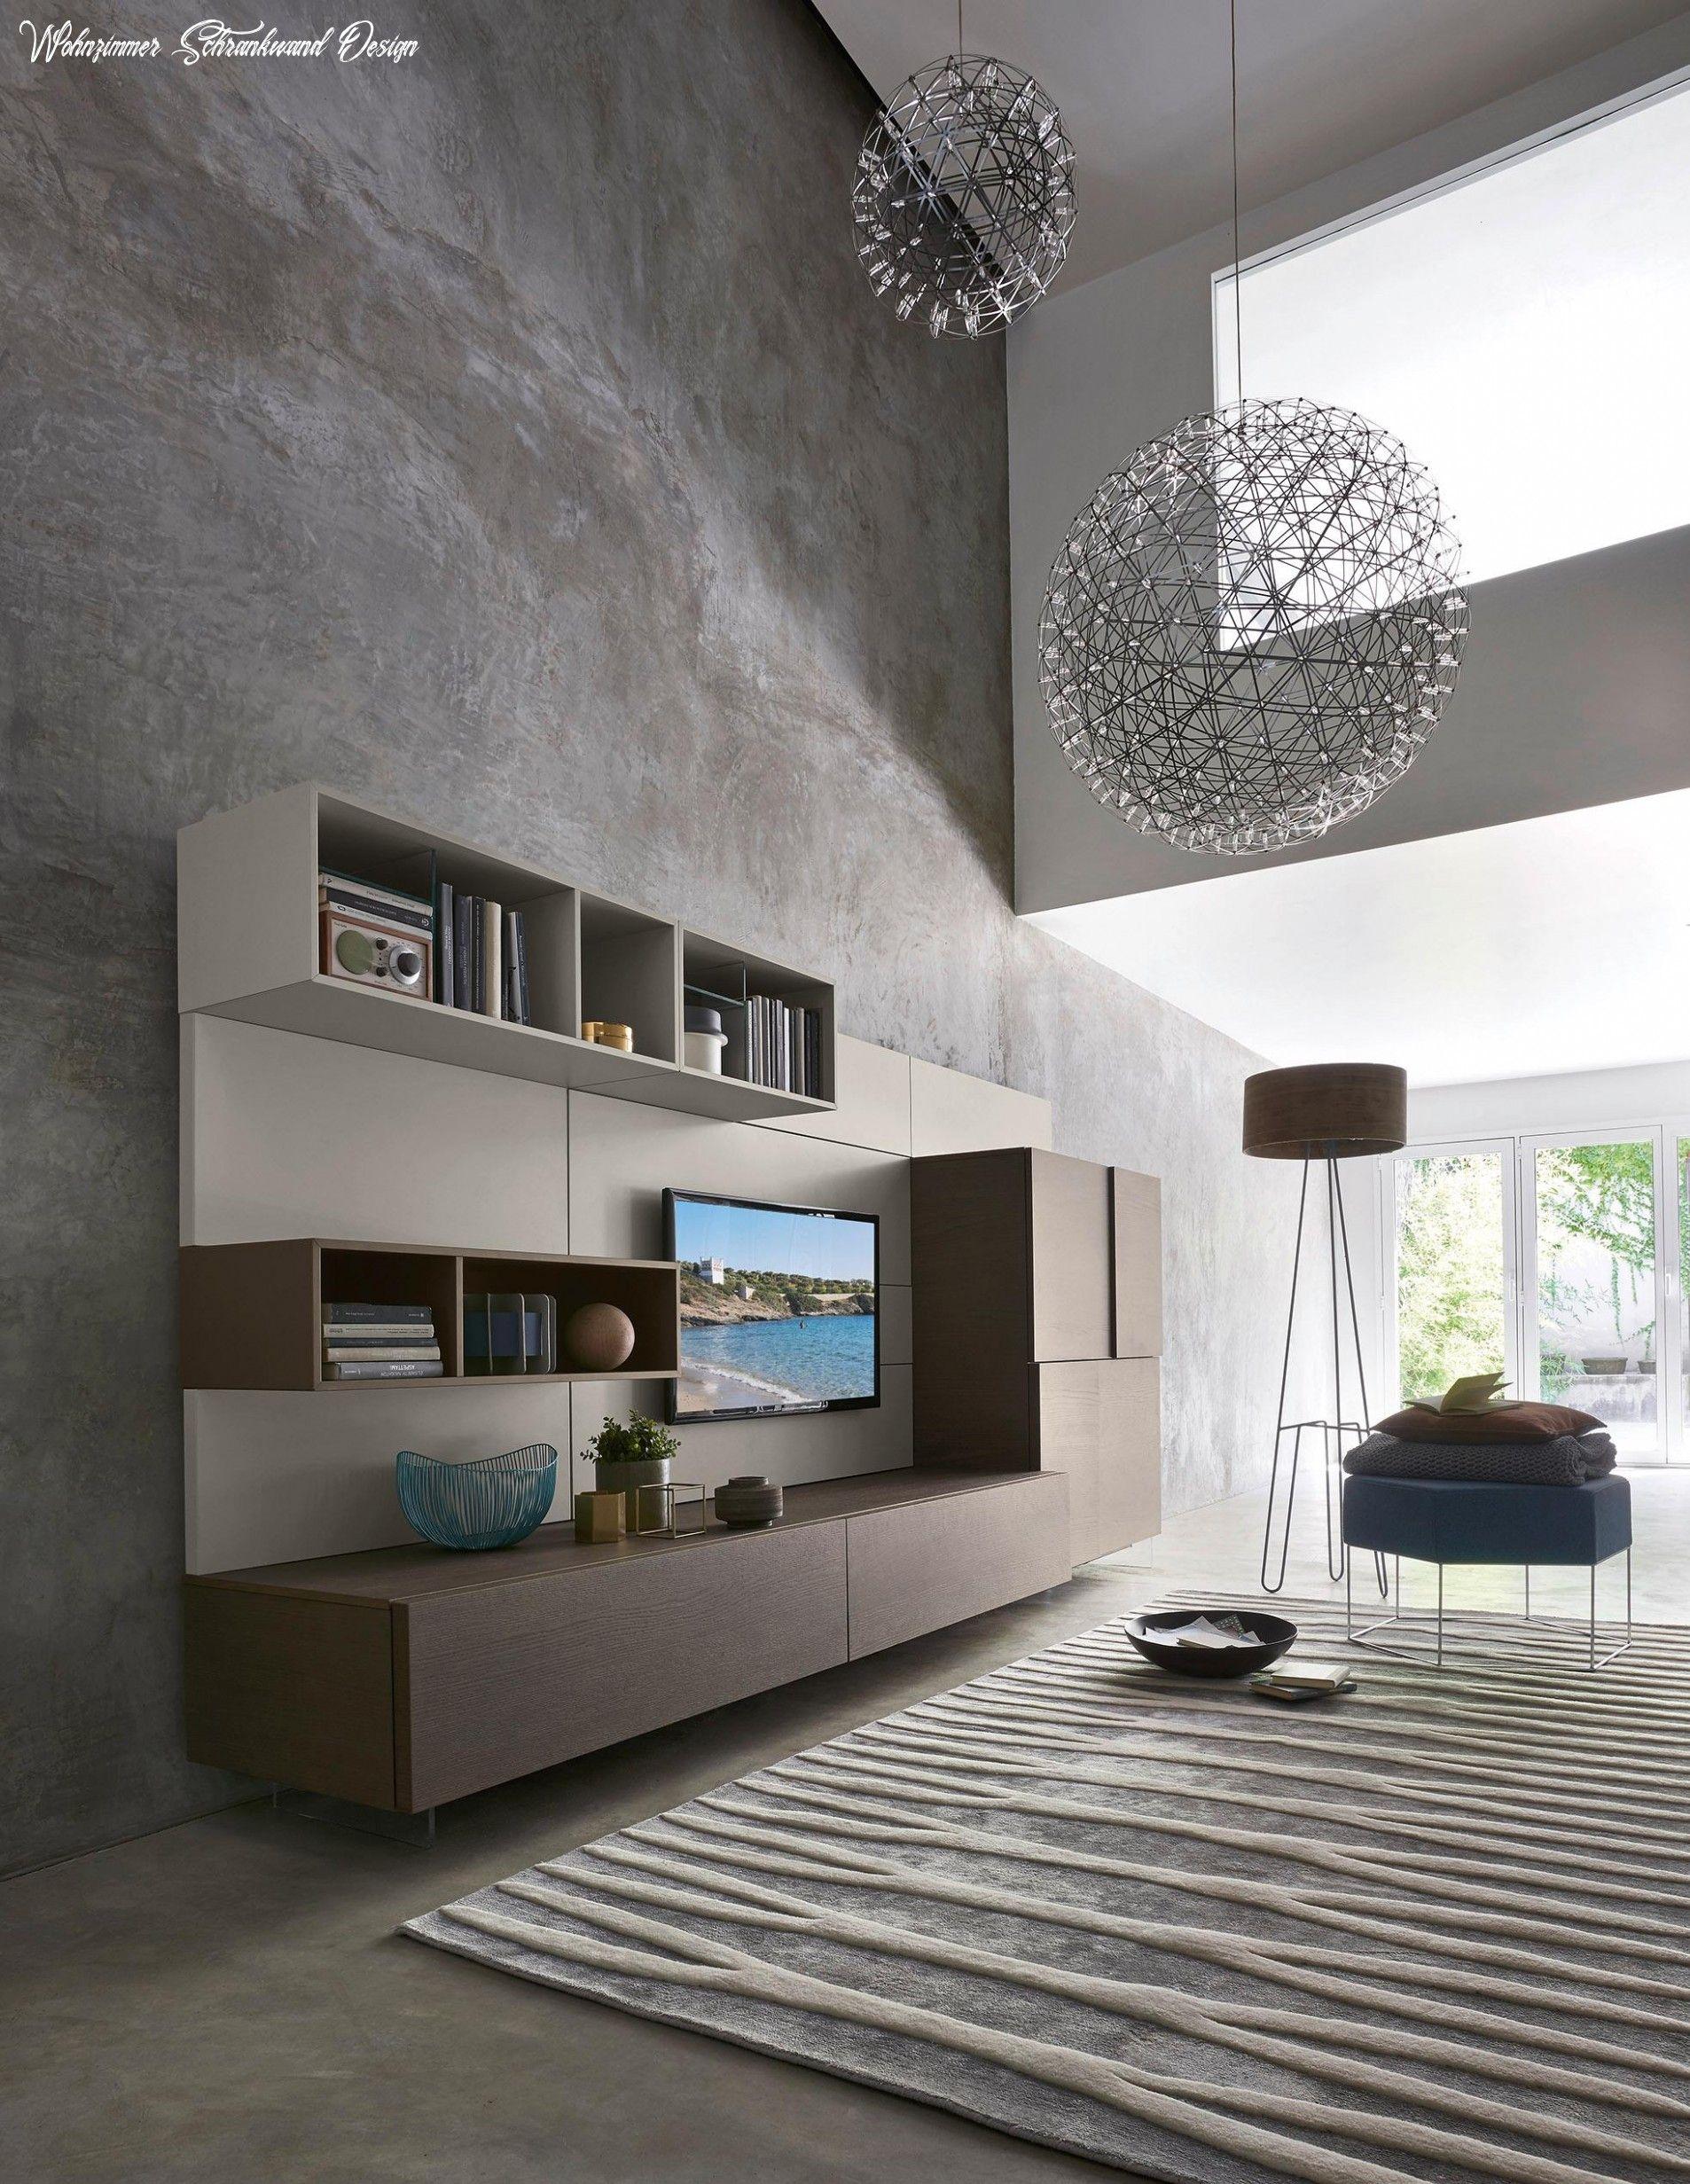 9+ Wohnzimmer Schrankwand Design Ideen di 9